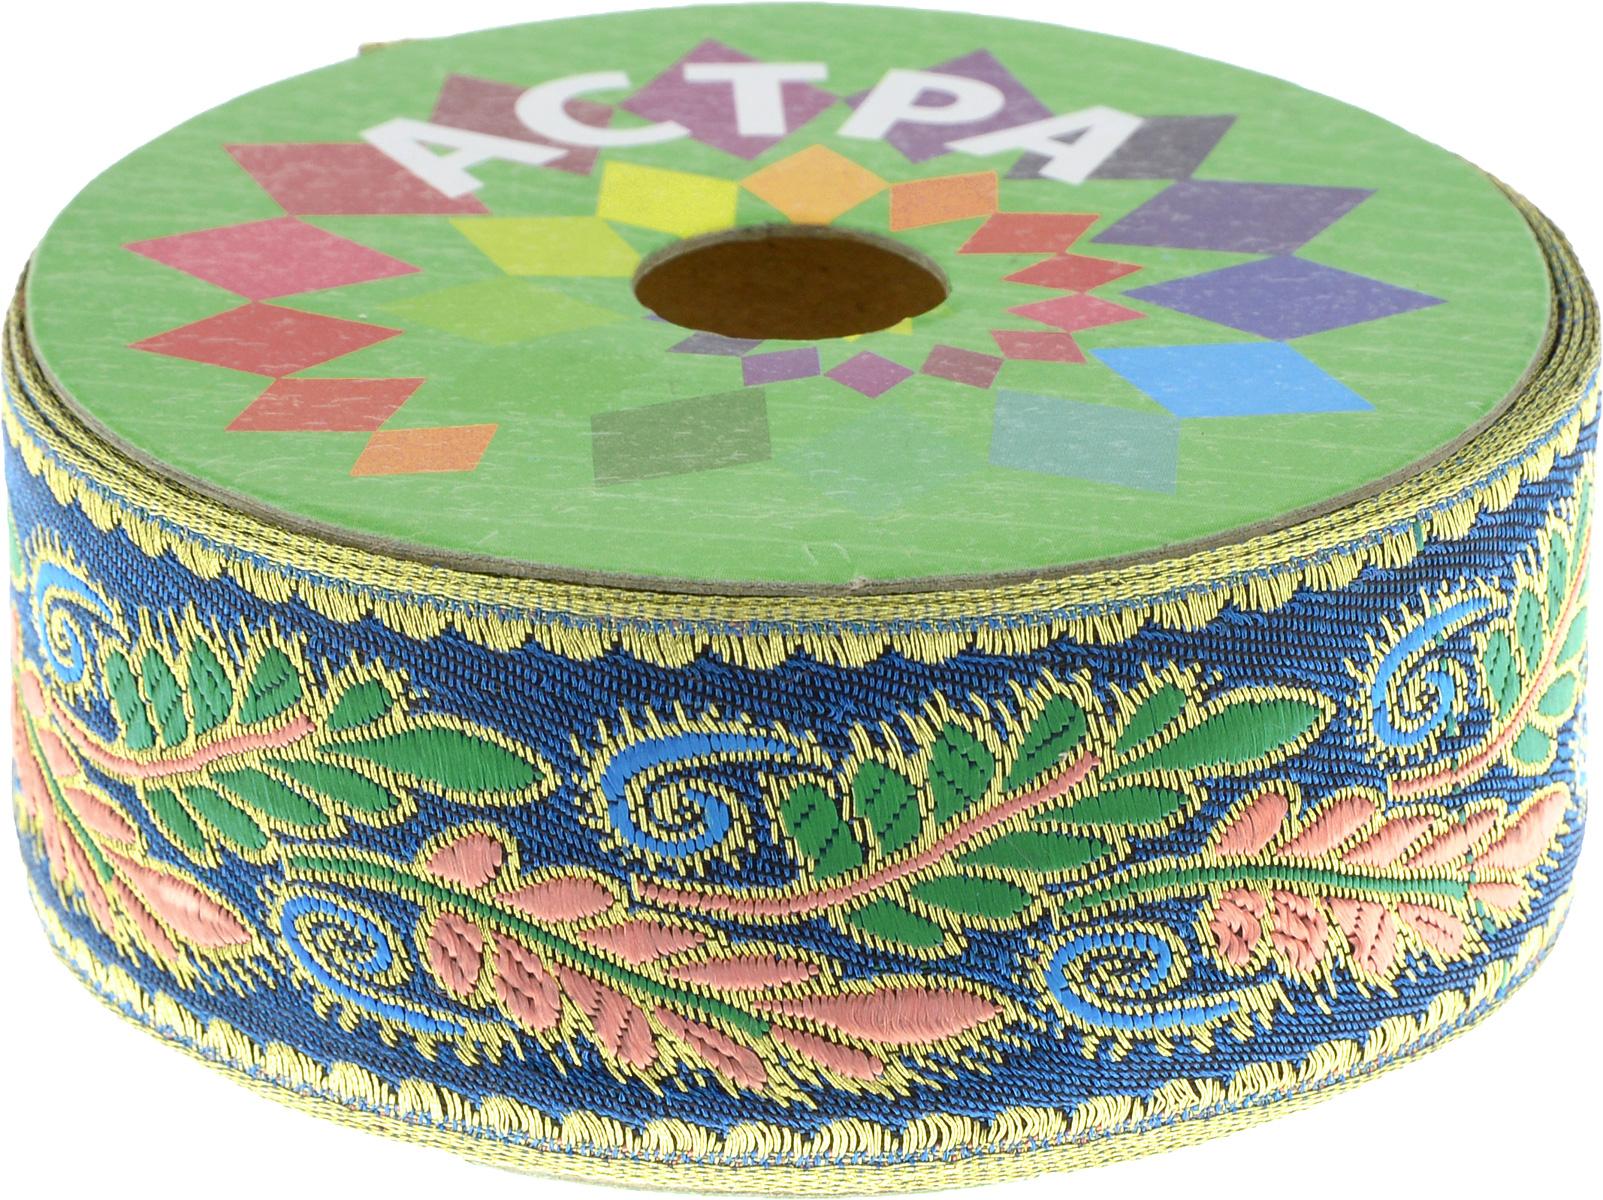 Тесьма декоративная Астра, цвет: синий (С9), ширина 4 см, длина 9 м. 77034407703440_С9Декоративная тесьма Астра выполнена из текстиля и оформлена оригинальным орнаментом. Такая тесьма идеально подойдет для оформления различных творческих работ таких, как скрапбукинг, аппликация, декор коробок и открыток и многое другое. Тесьма наивысшего качества и практична в использовании. Она станет незаменимым элементом в создании рукотворного шедевра. Ширина: 4 см. Длина: 9 м.